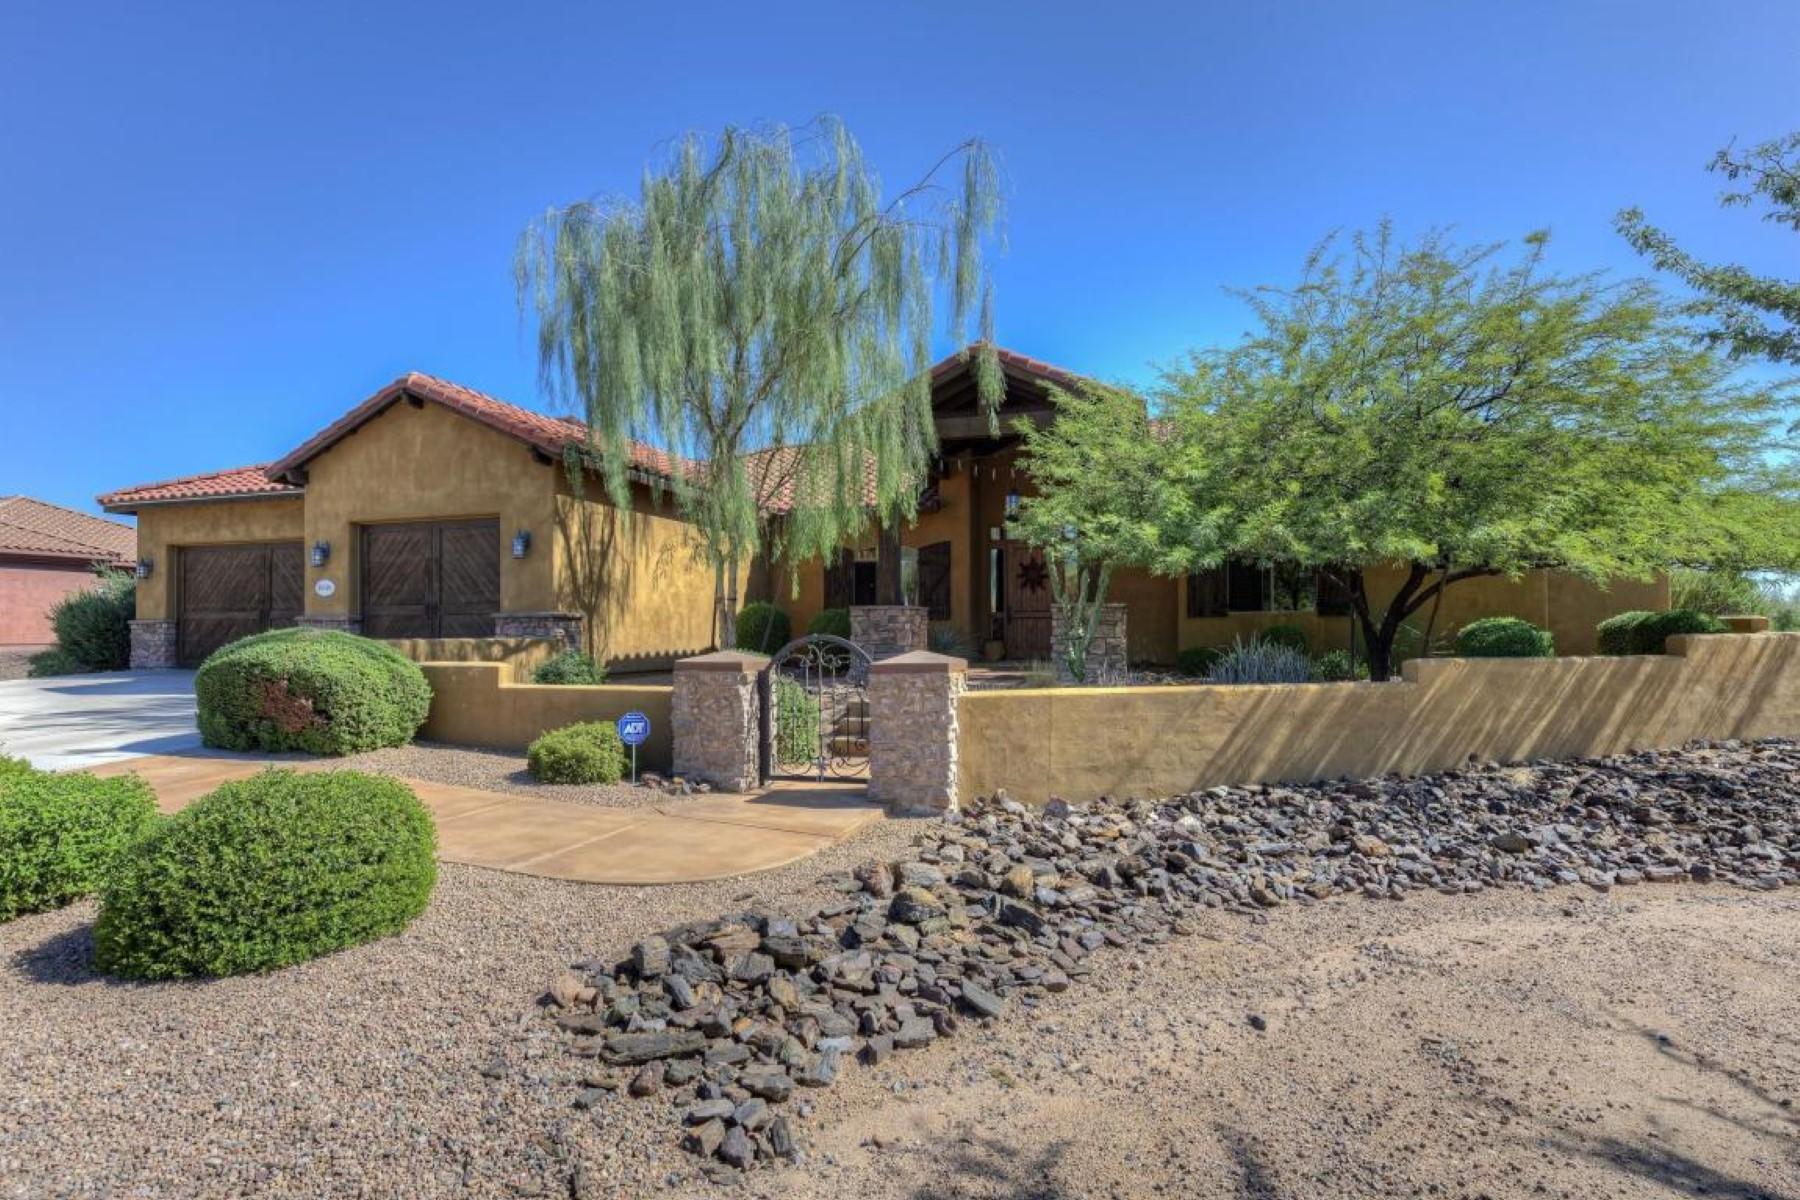 Частный односемейный дом для того Продажа на Exquisite custom home situated on a 1.15 acre cul de sac lot 28507 N 154th Place Scottsdale, Аризона 85262 Соединенные Штаты